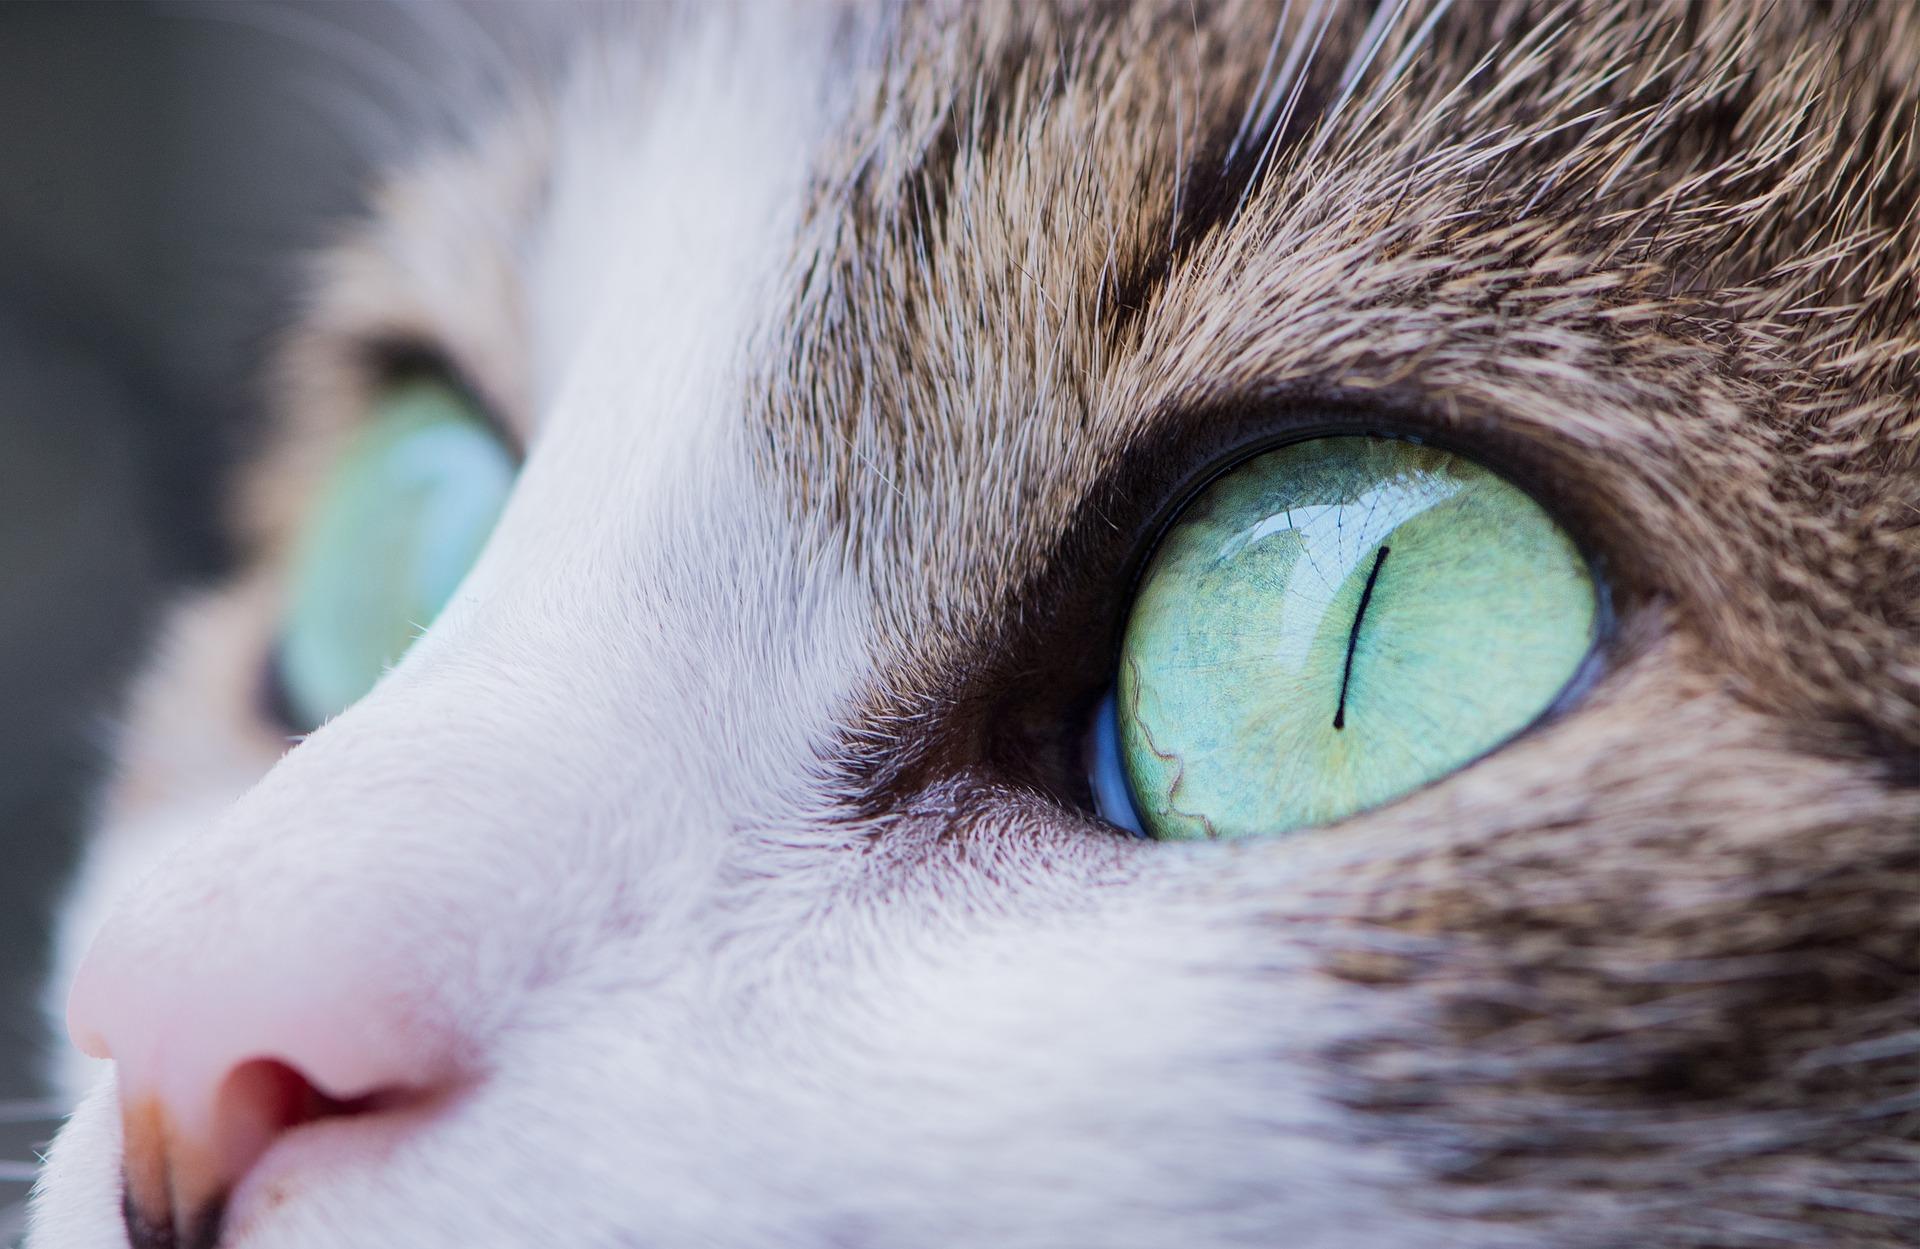 【猫さんの病気】猫さんの目やにはトラブルを知らせる大事なサイン!放置すると失明の恐れも…